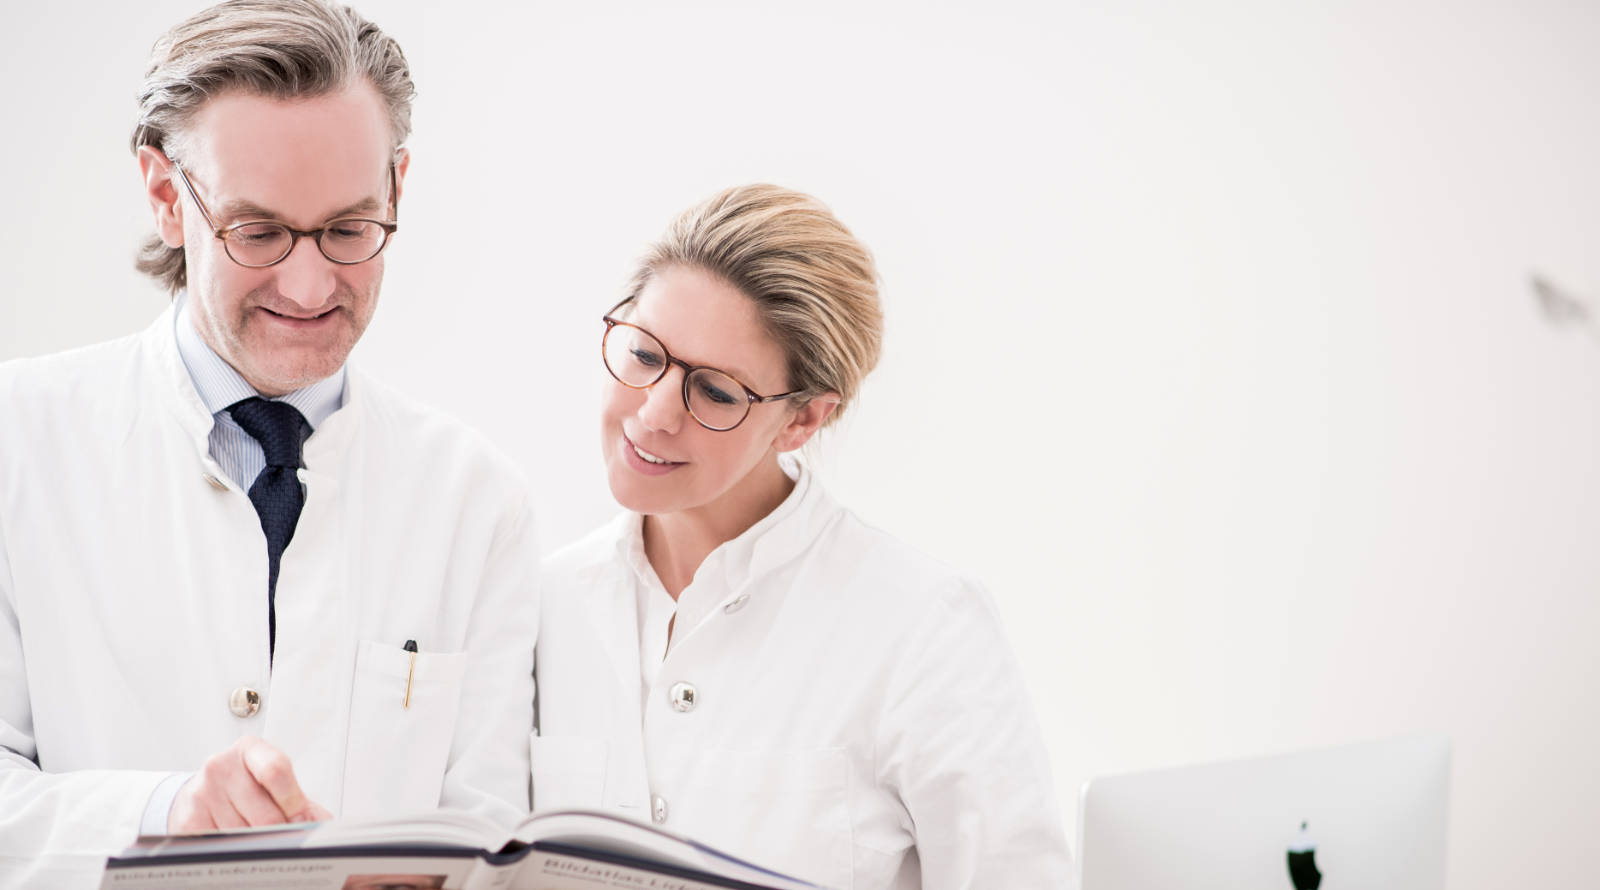 Vulvodynie | Zusammenarbeit Gynäkologie und Dermatologie | Frauenarzt